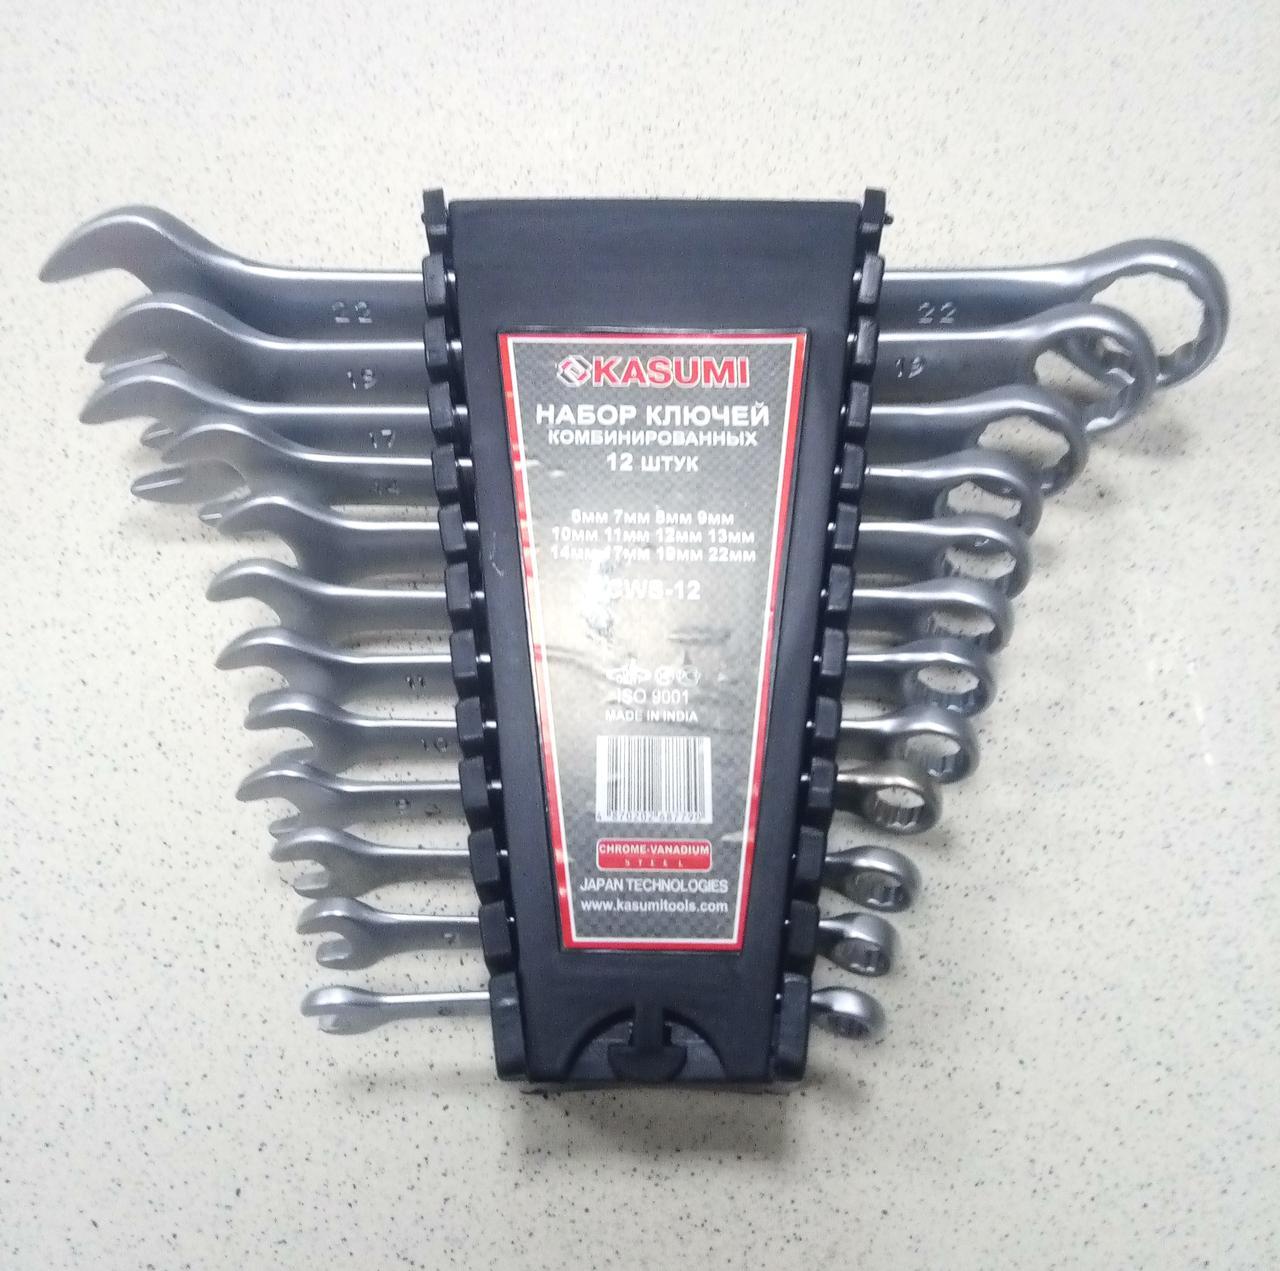 Набор ключей комбинированных, 6-22 мм, 12 шт KASUMI